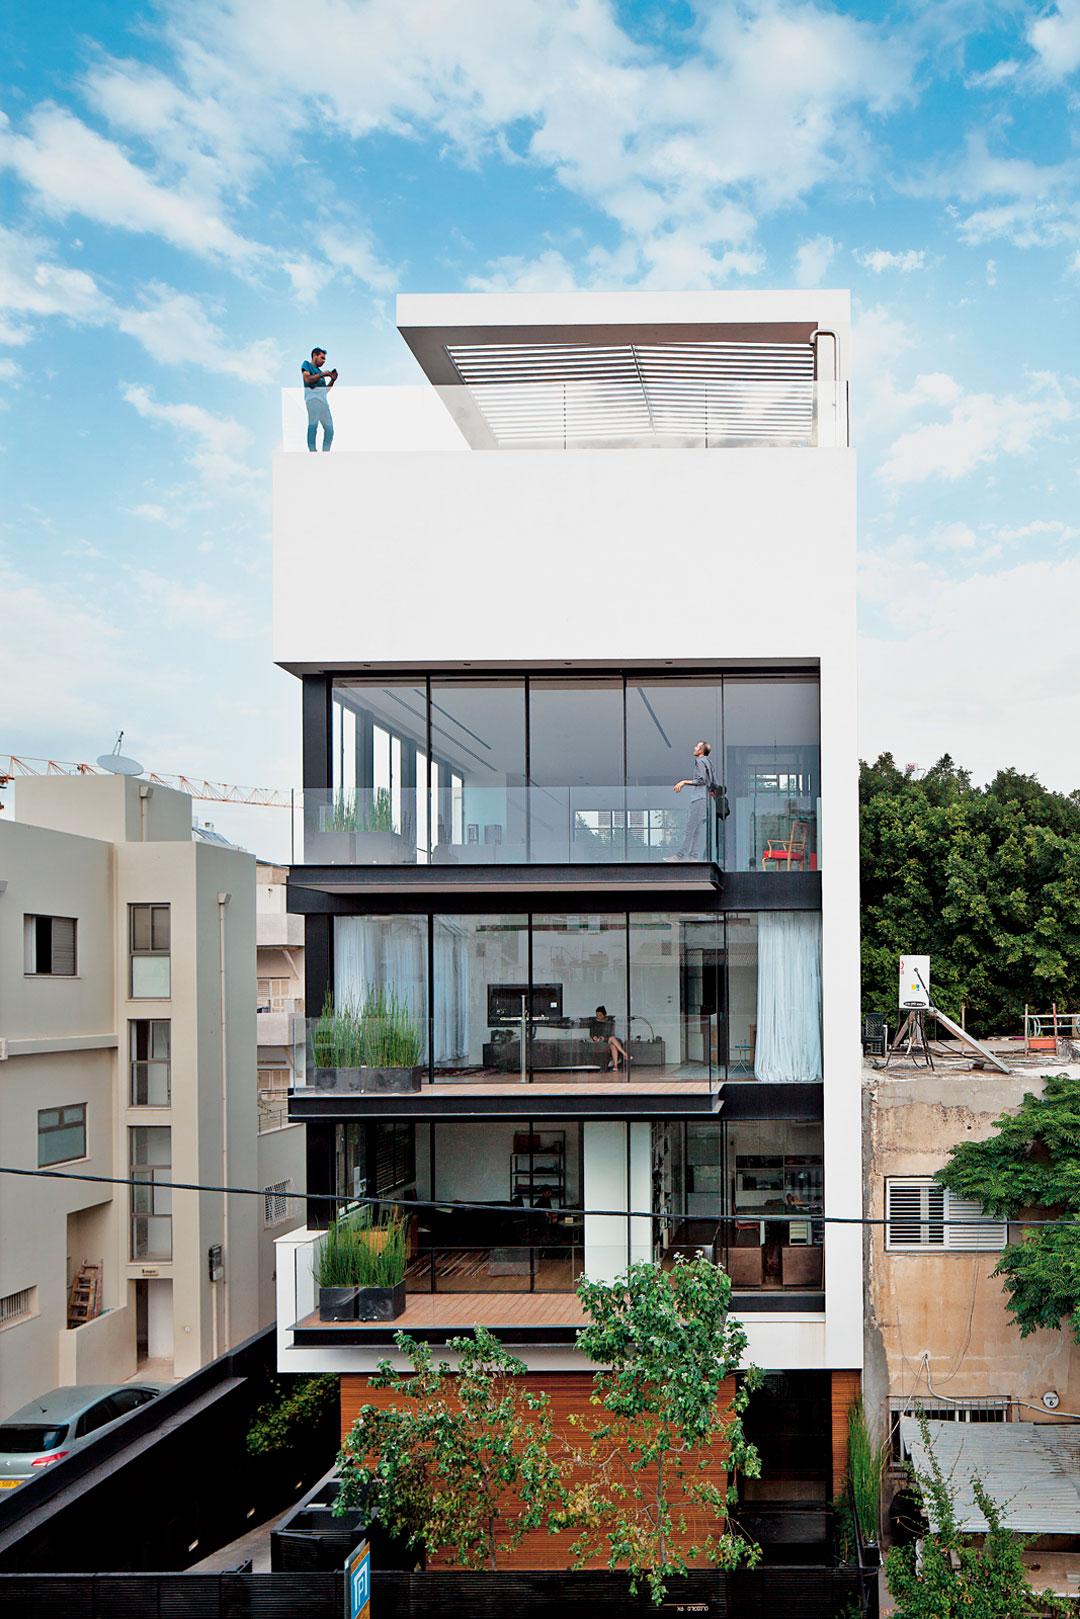 casas-dos-sonhos-tel-aviv-pitsou-kedem-architects-inspiracao-um-cafe-pra-dois-01